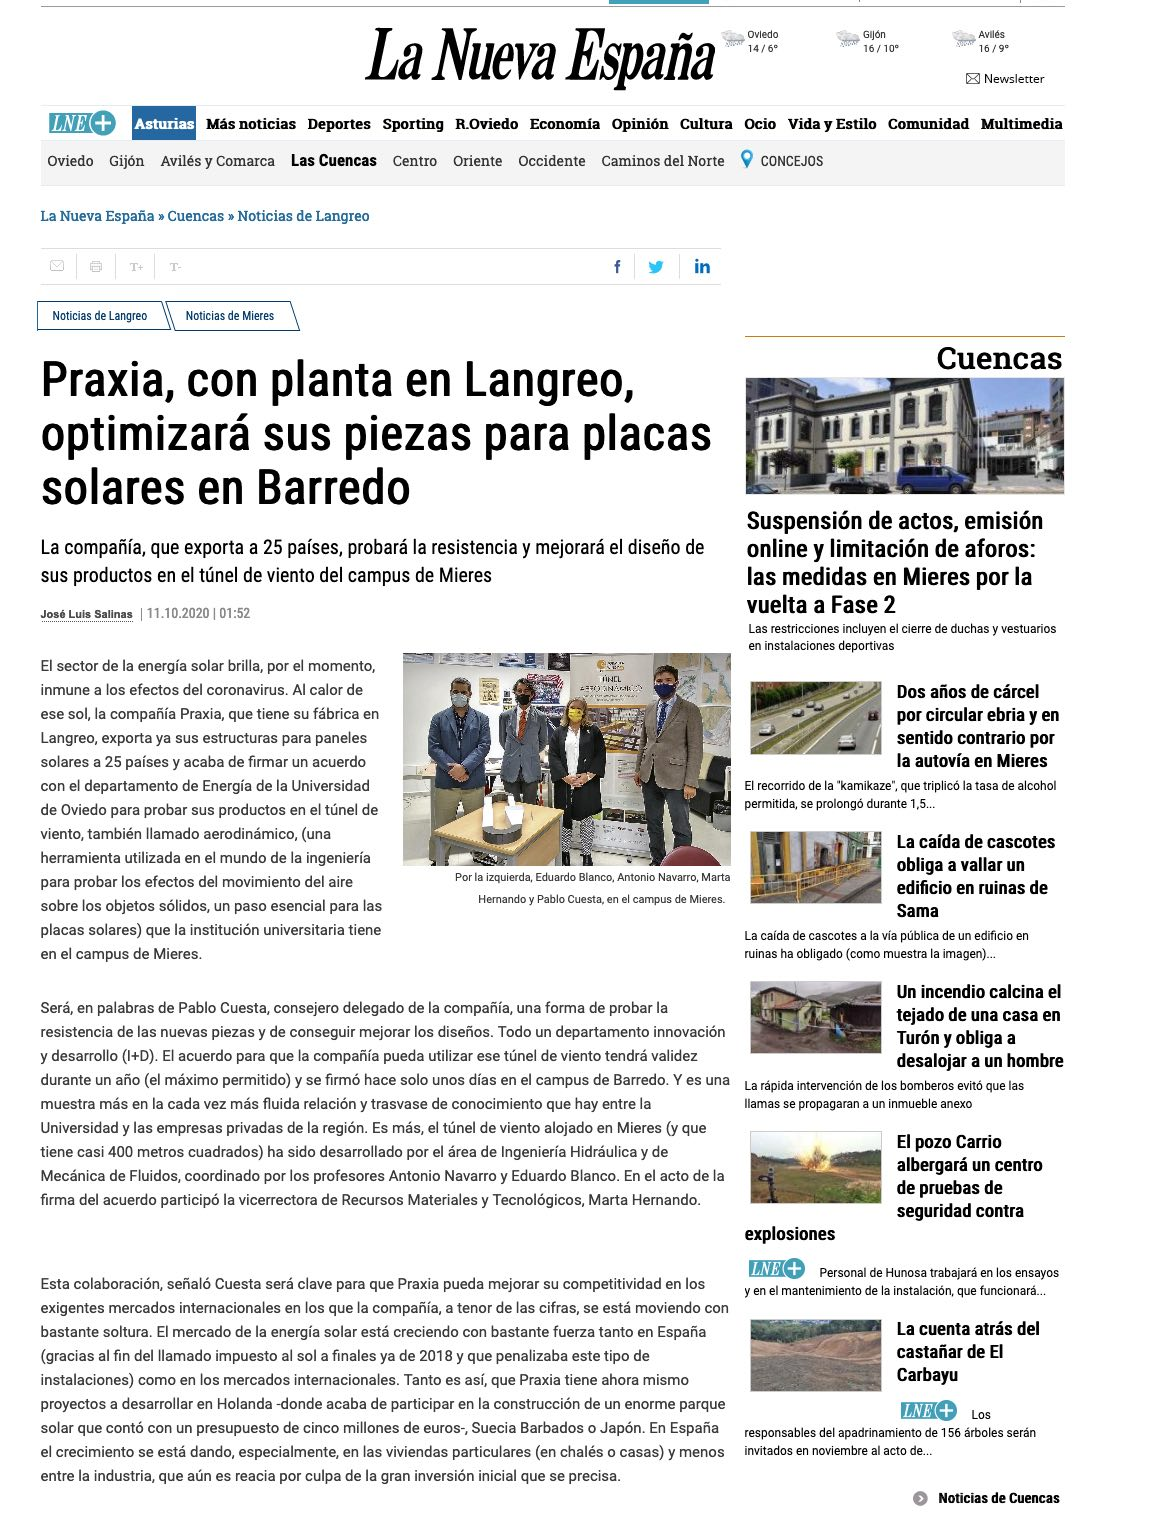 Noticia de La Nueva España